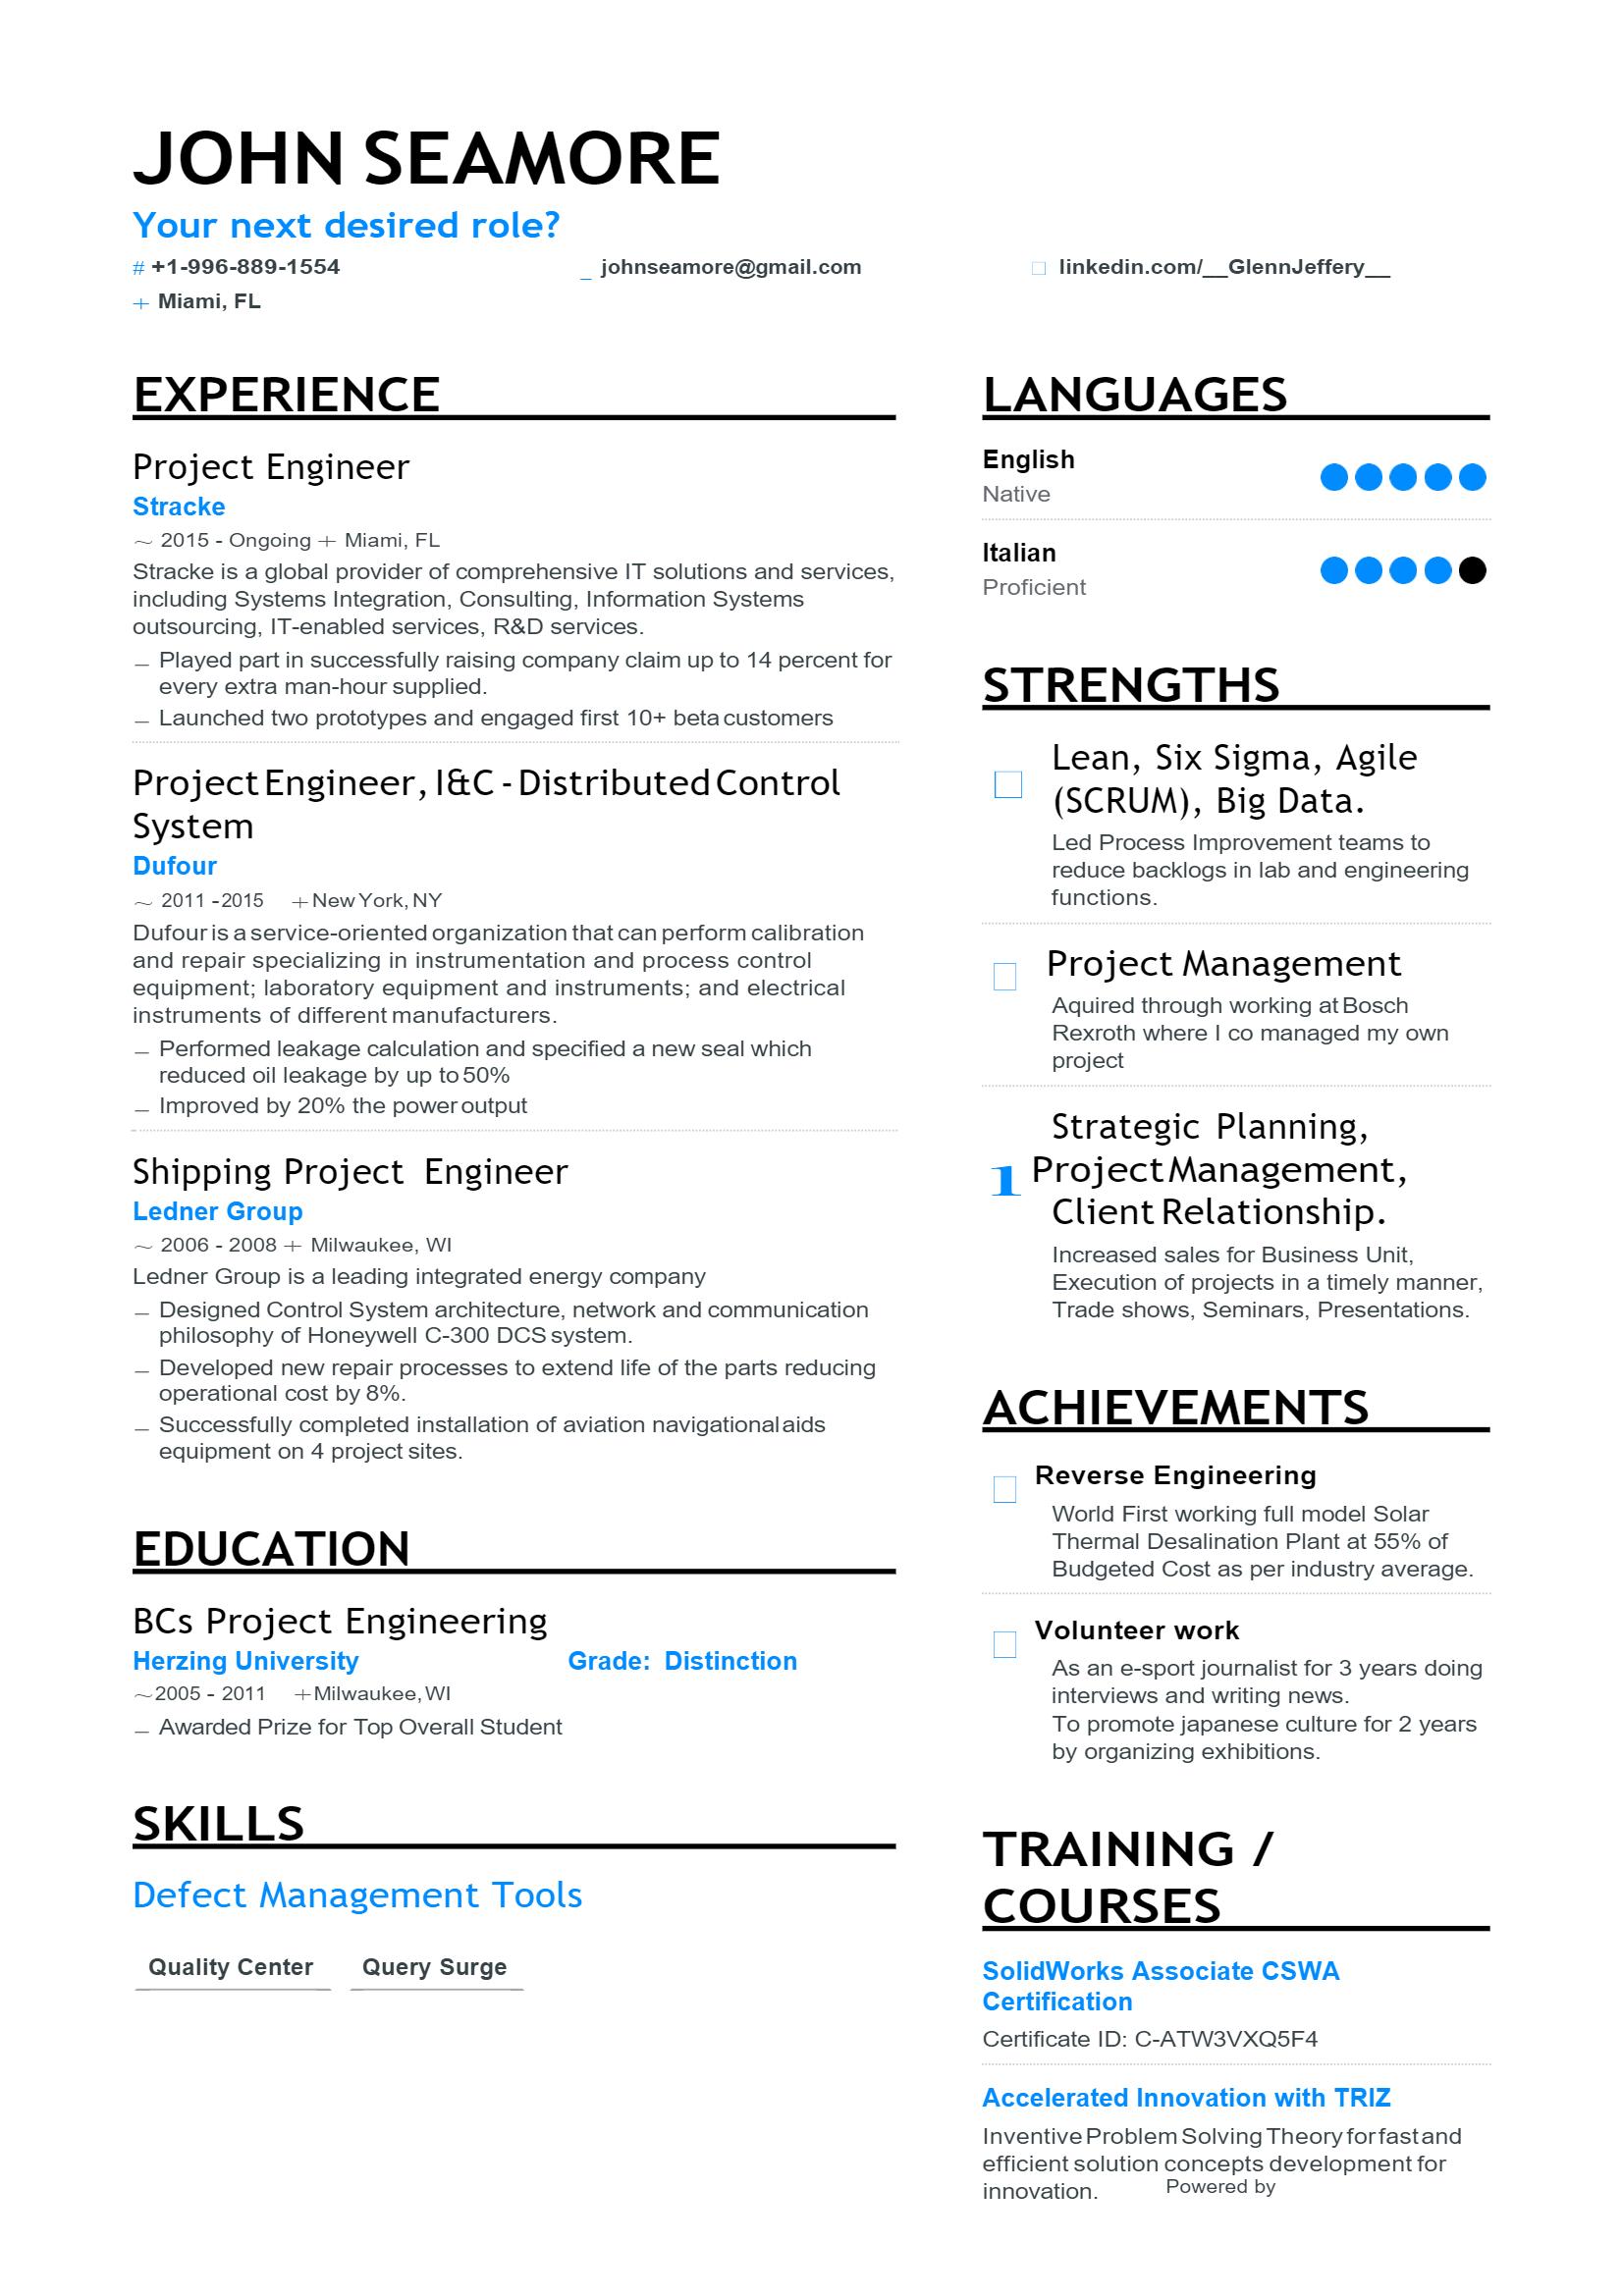 Project Engineer Resume > Project Engineer Resume .Docx (Word)